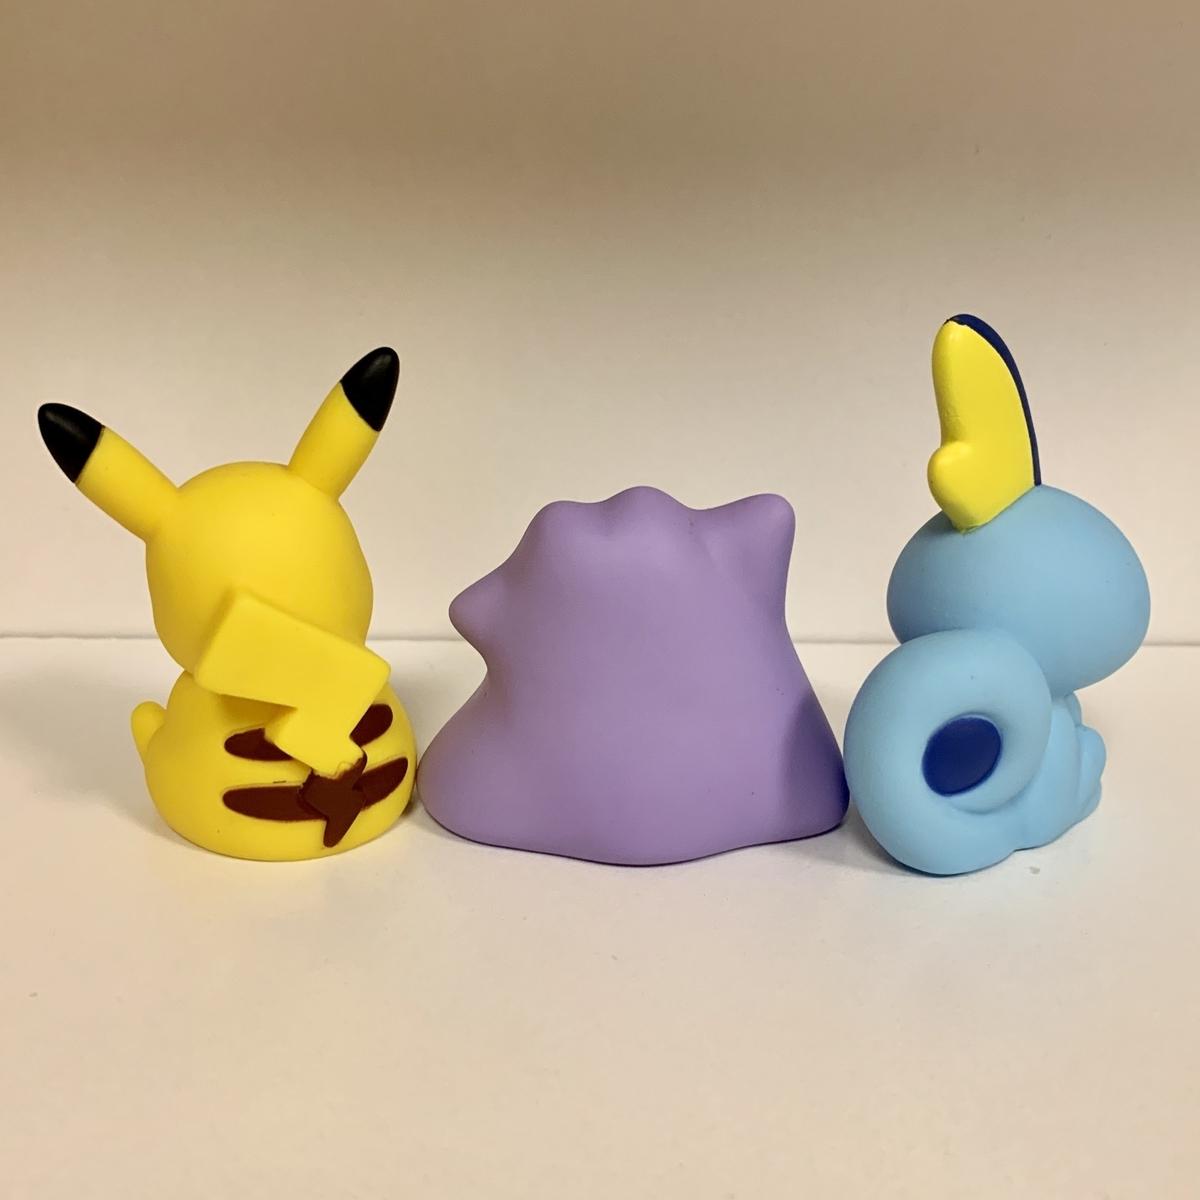 f:id:pikachu_pcn:20191224223951j:plain